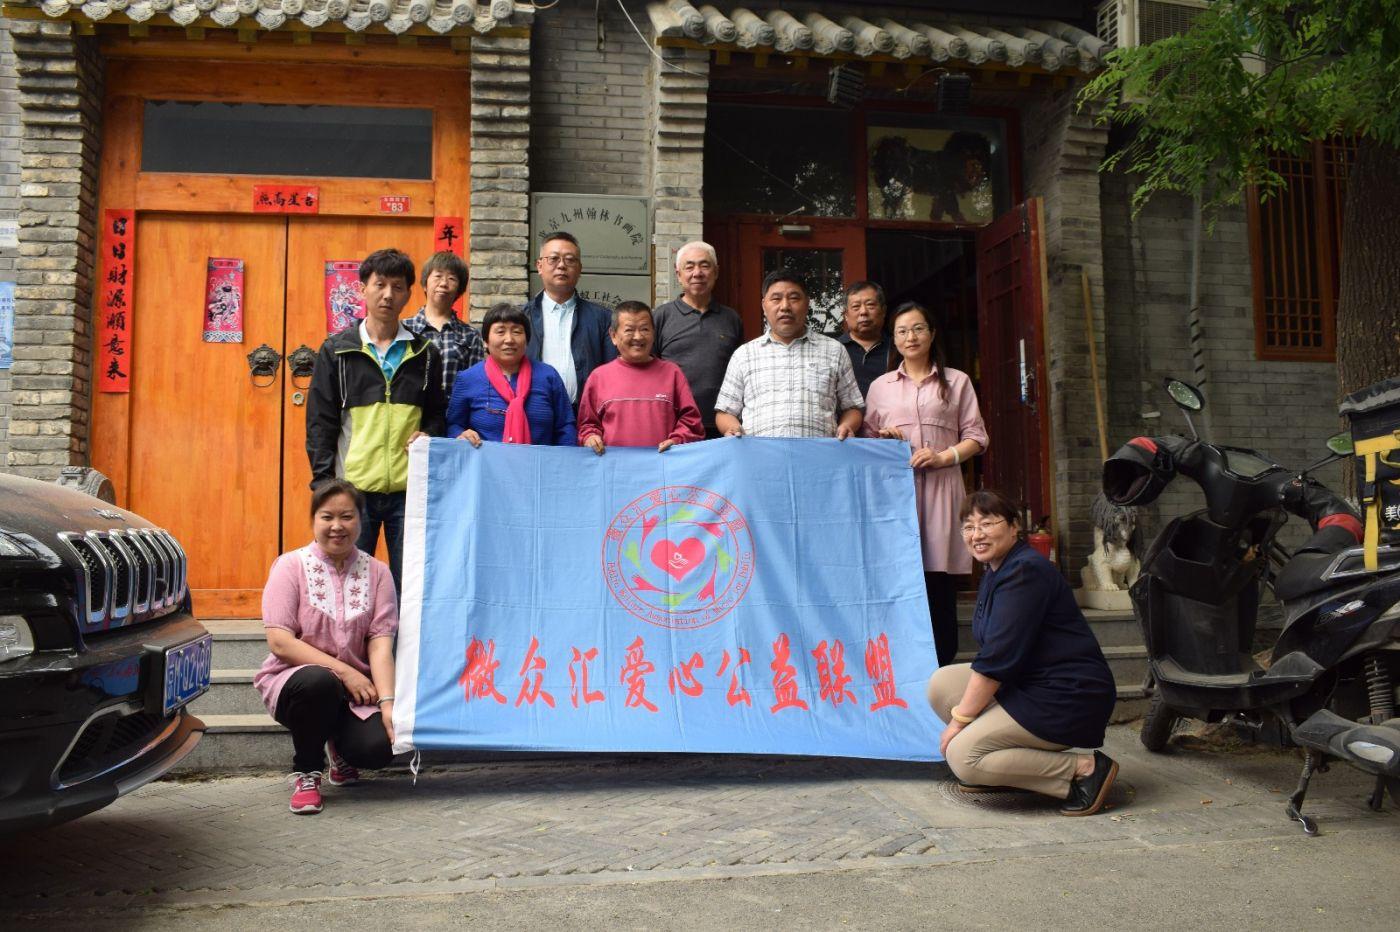 北京笔下乾坤志愿团队成立_图1-6